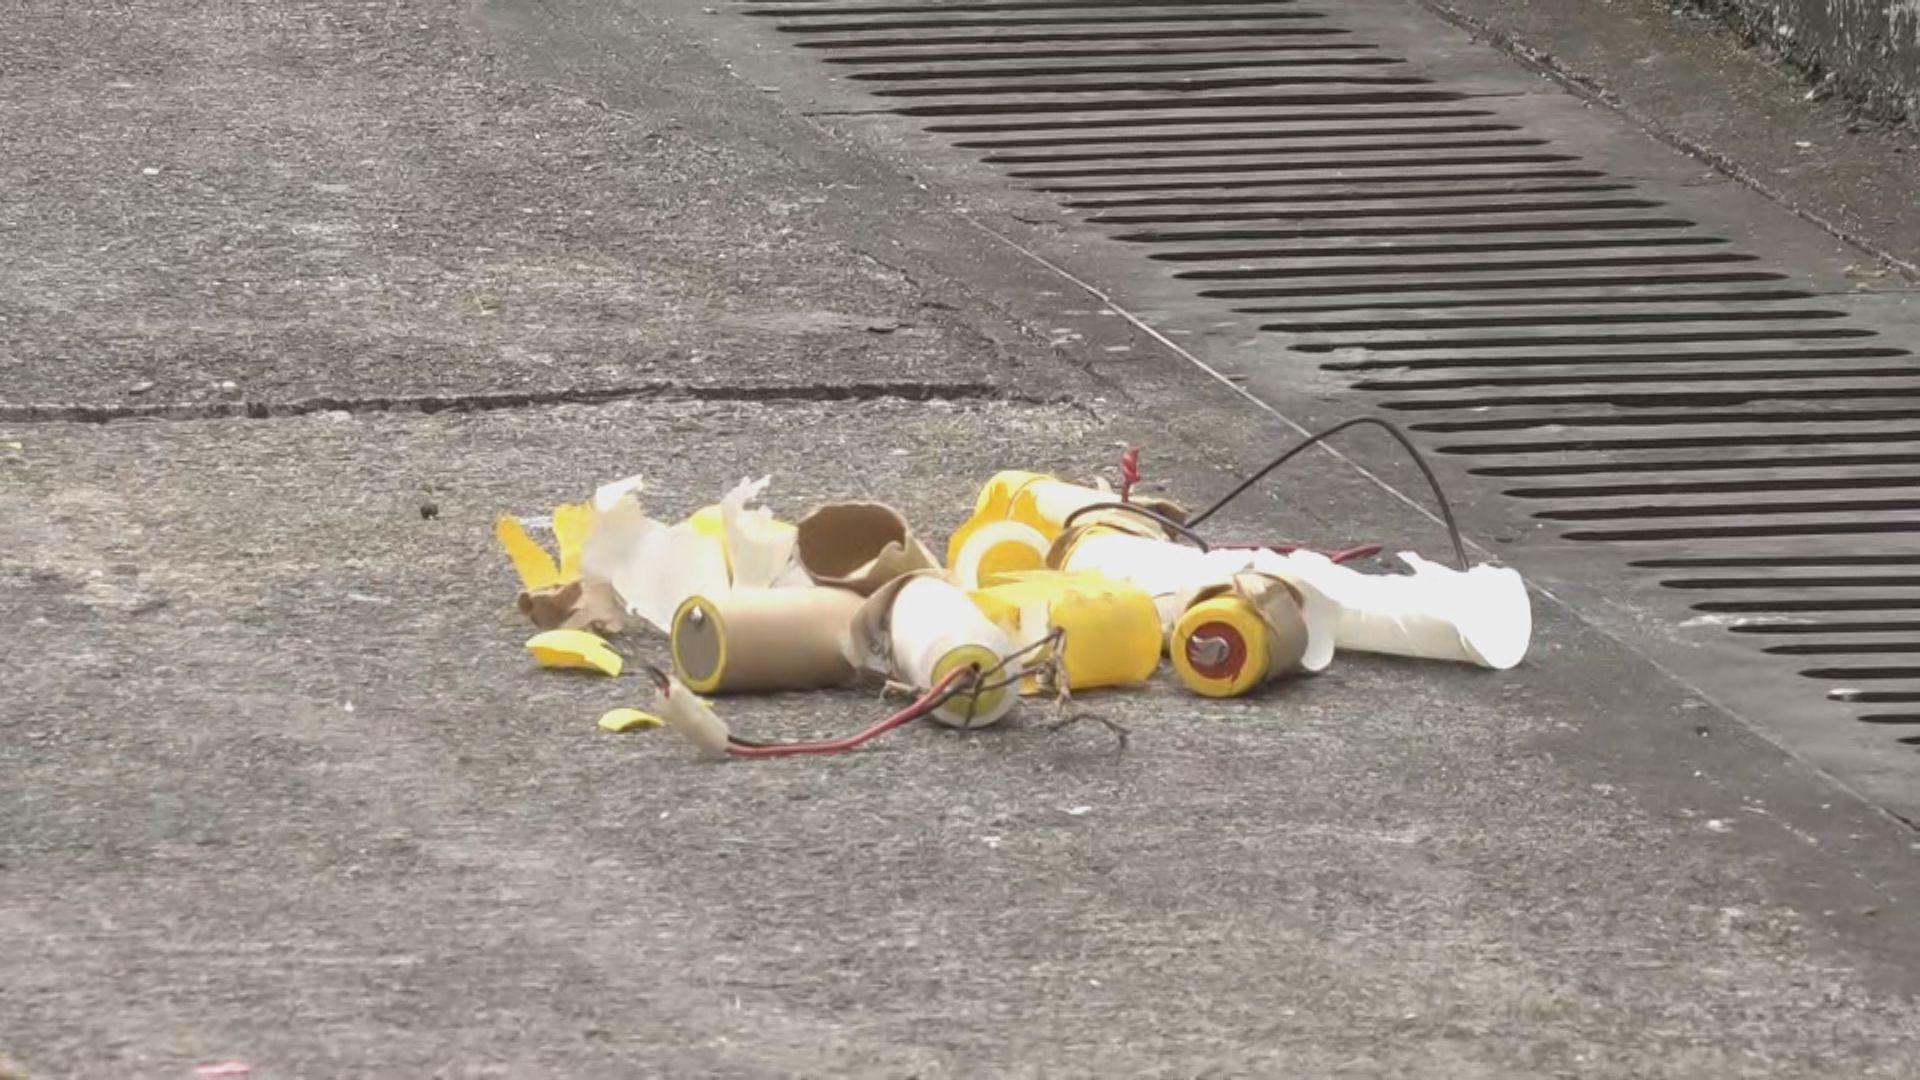 警方指青衣懷疑爆炸品沒有炸藥成分